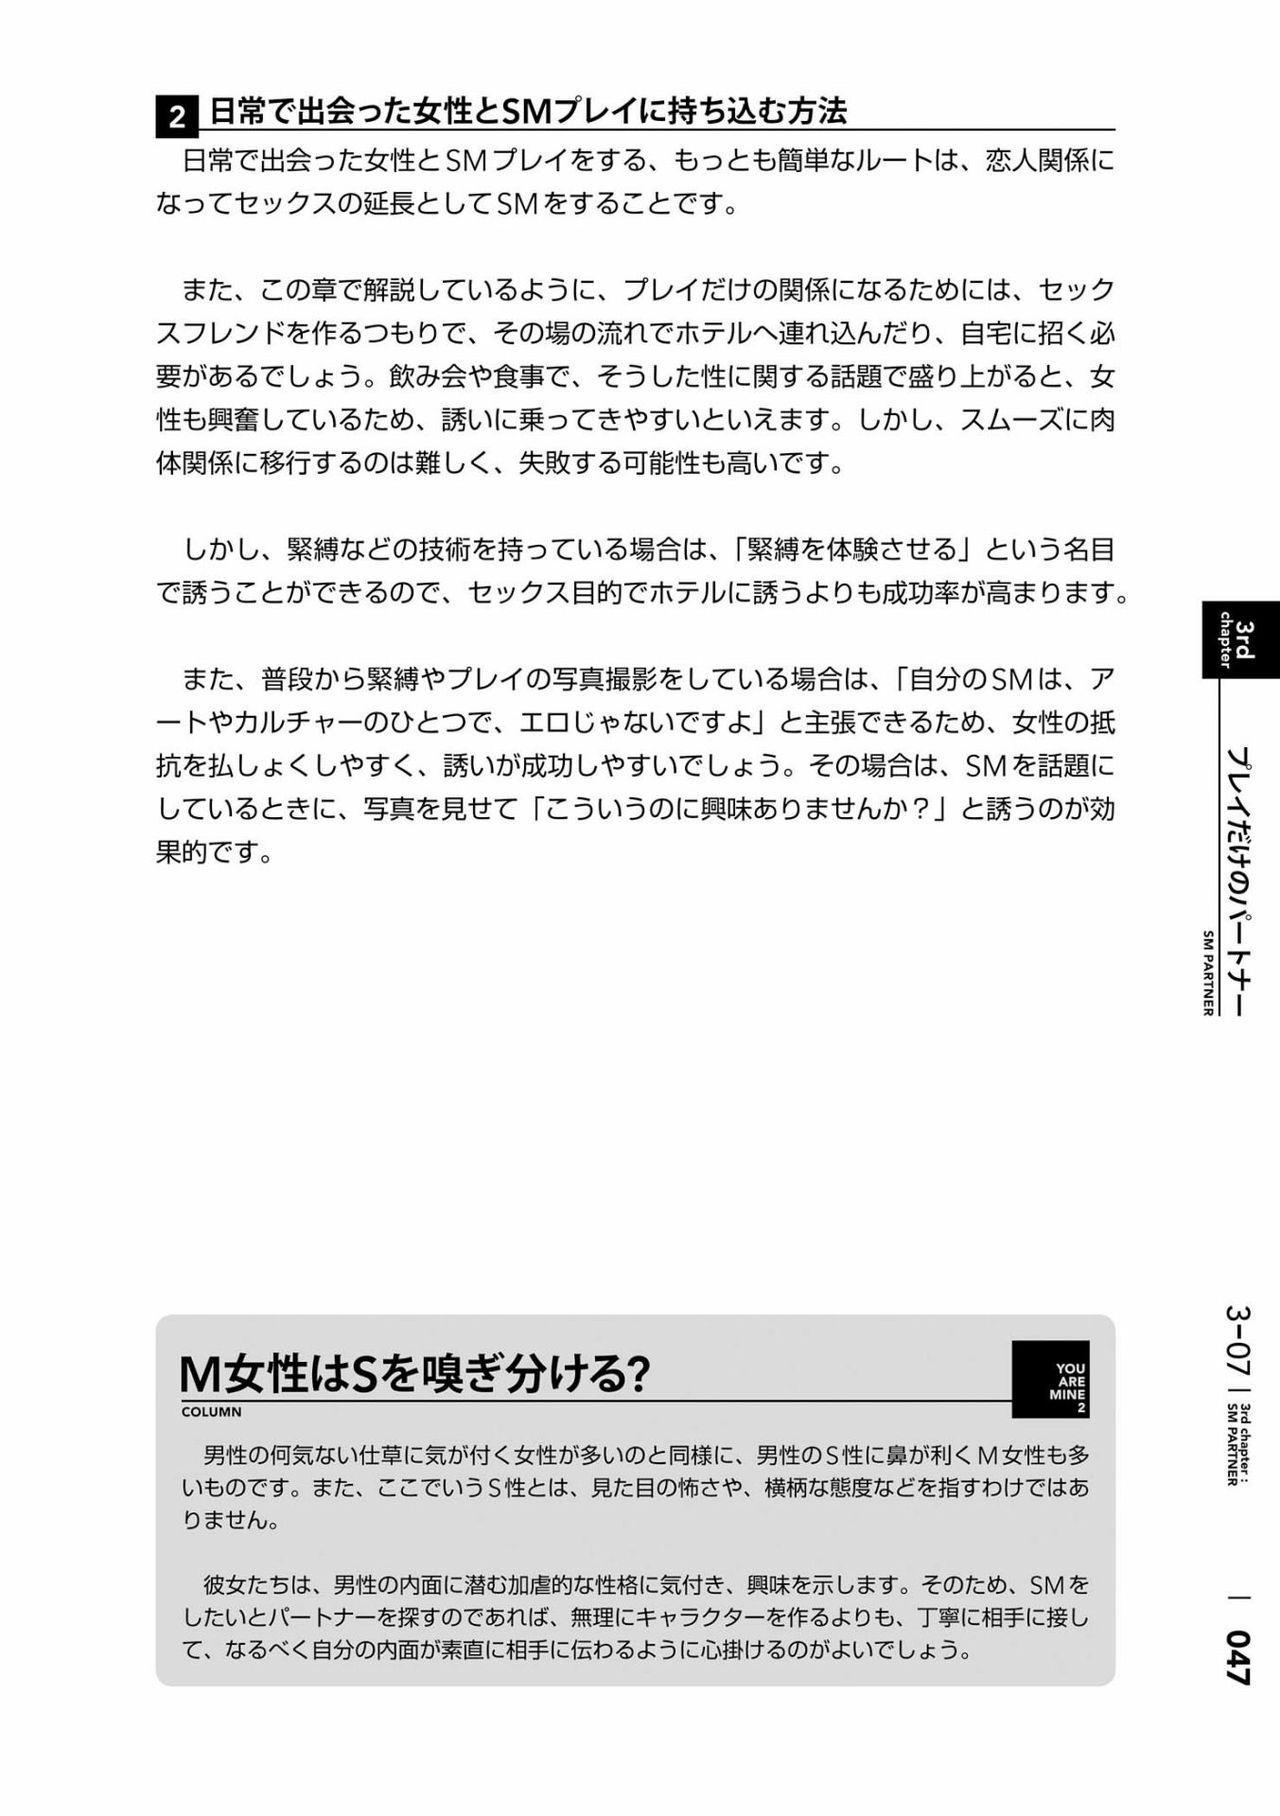 [Mitsuba] Karada mo Kokoro mo Boku no Mono ~Hajimete no SM Guide~ 2 [Digital] 49